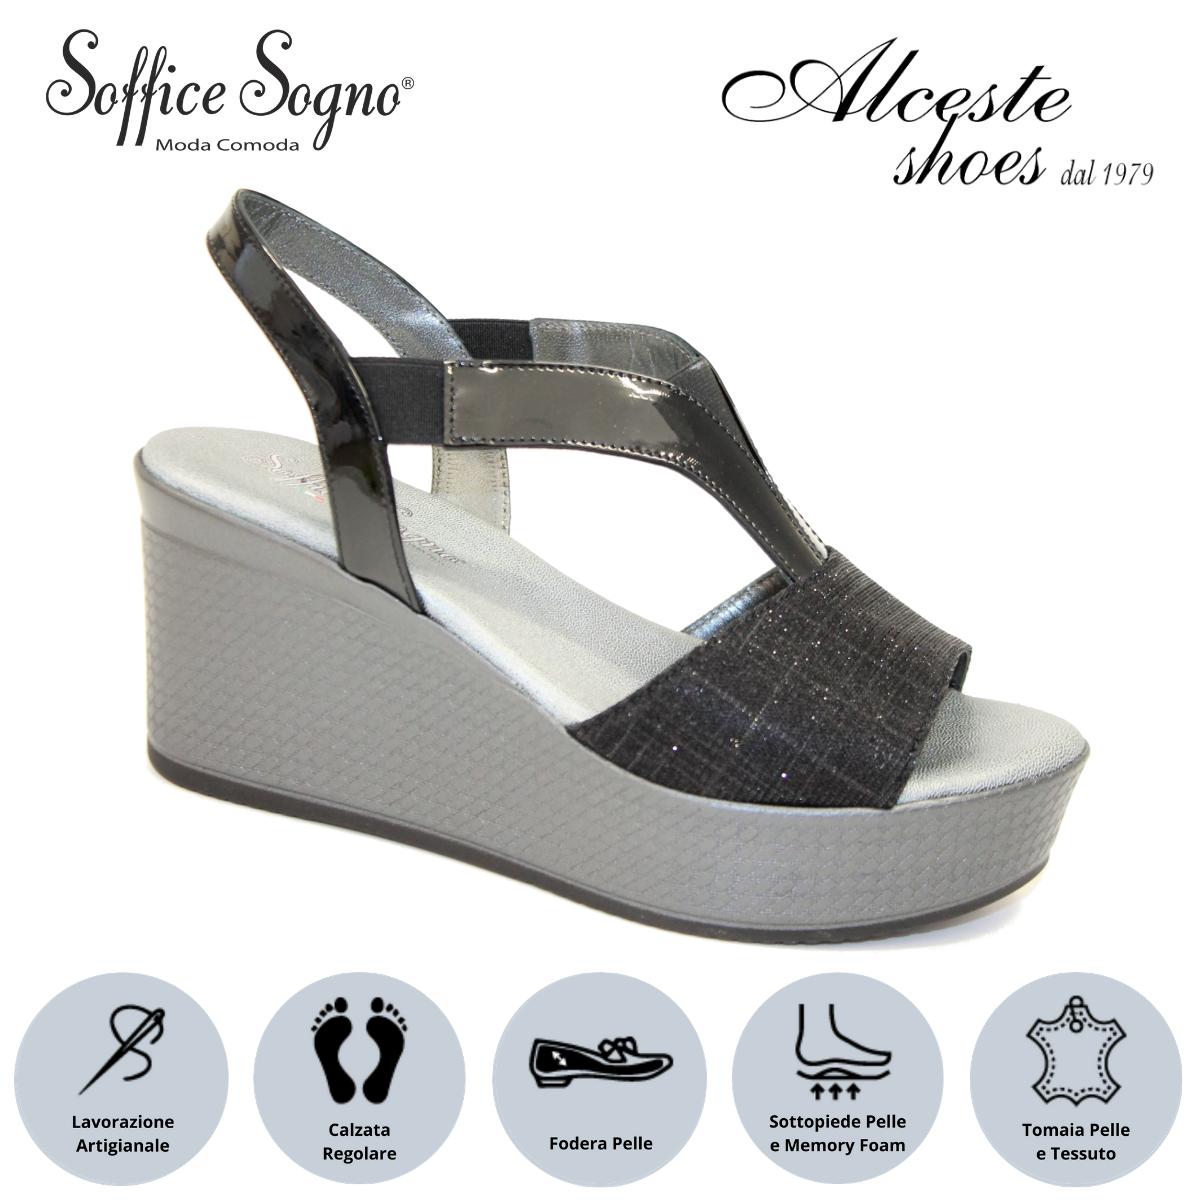 """Sandalo con Zeppa """"Soffice Sogno"""" Art. 1020 Vernice e Tessuto Nero Alceste Shoes 13 2"""